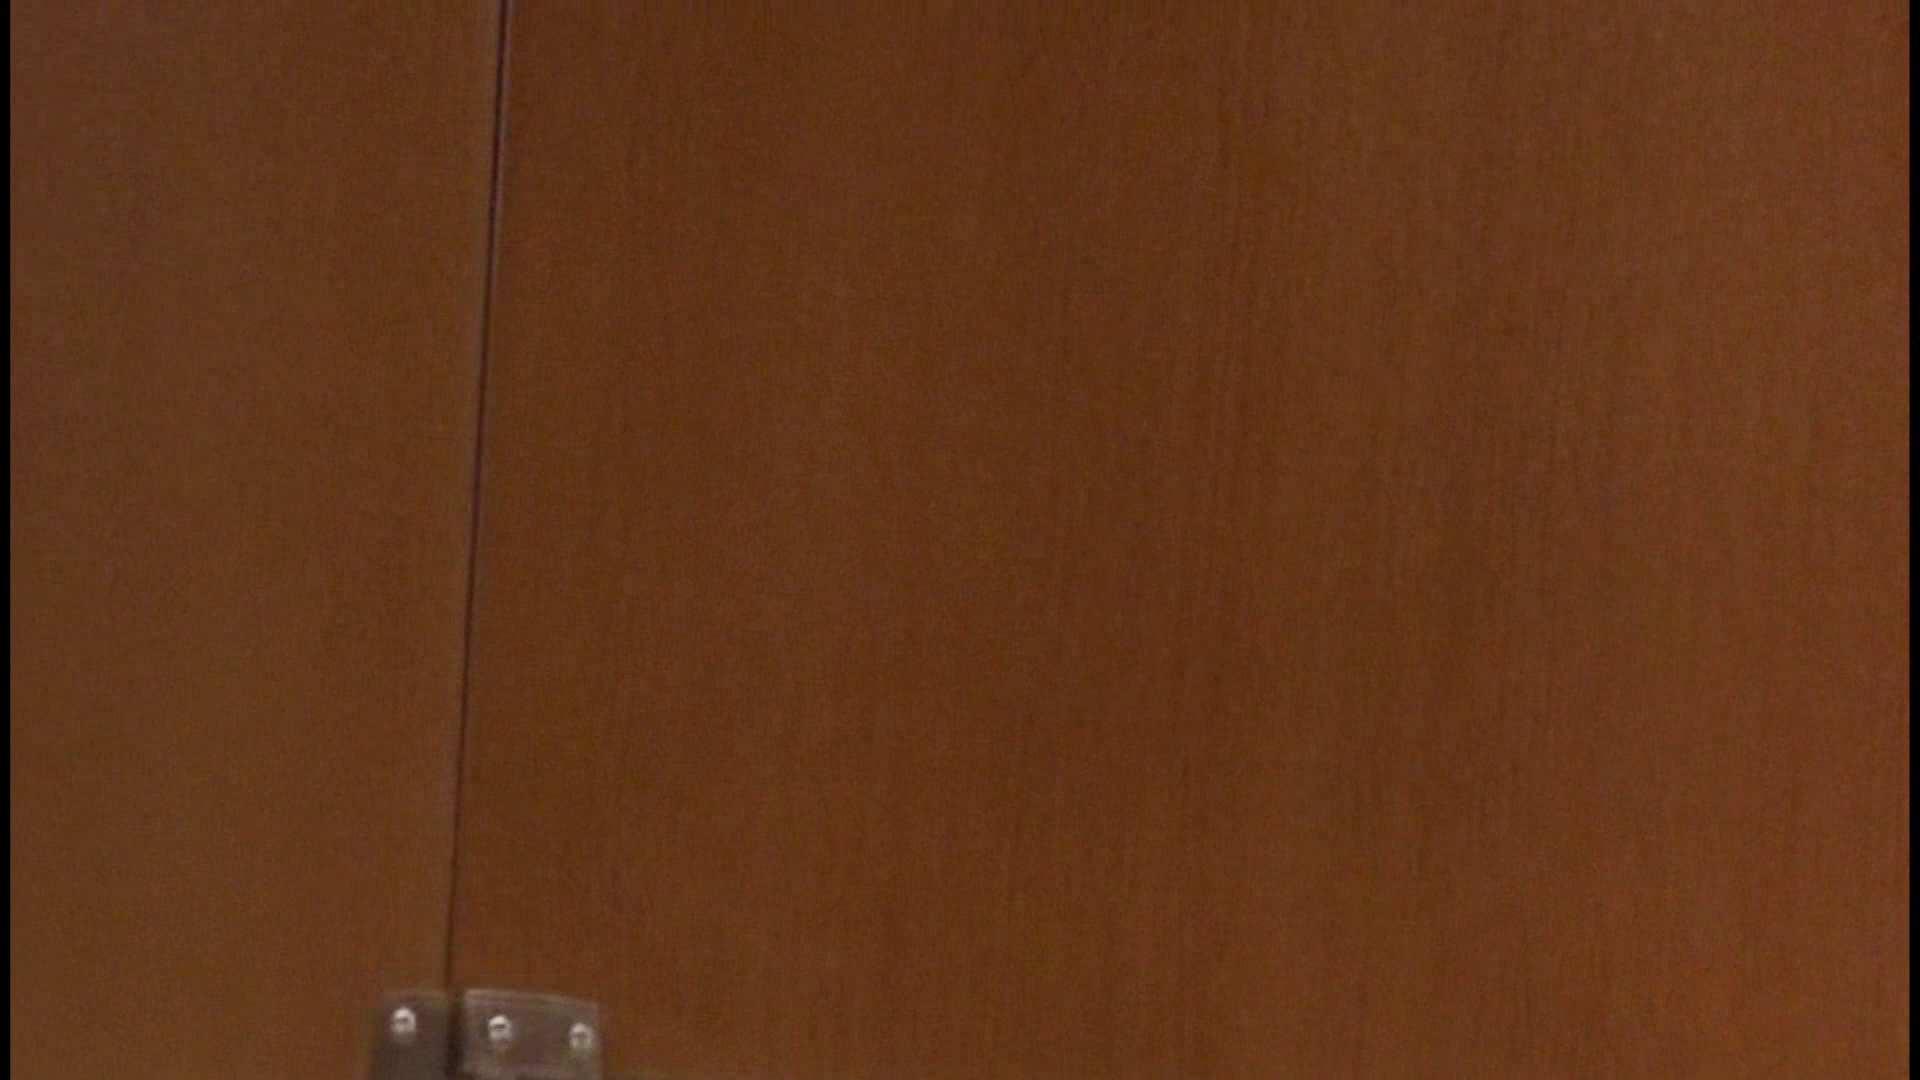 「噂」の国の厠観察日記2 Vol.08 OLハメ撮り  111Pix 92